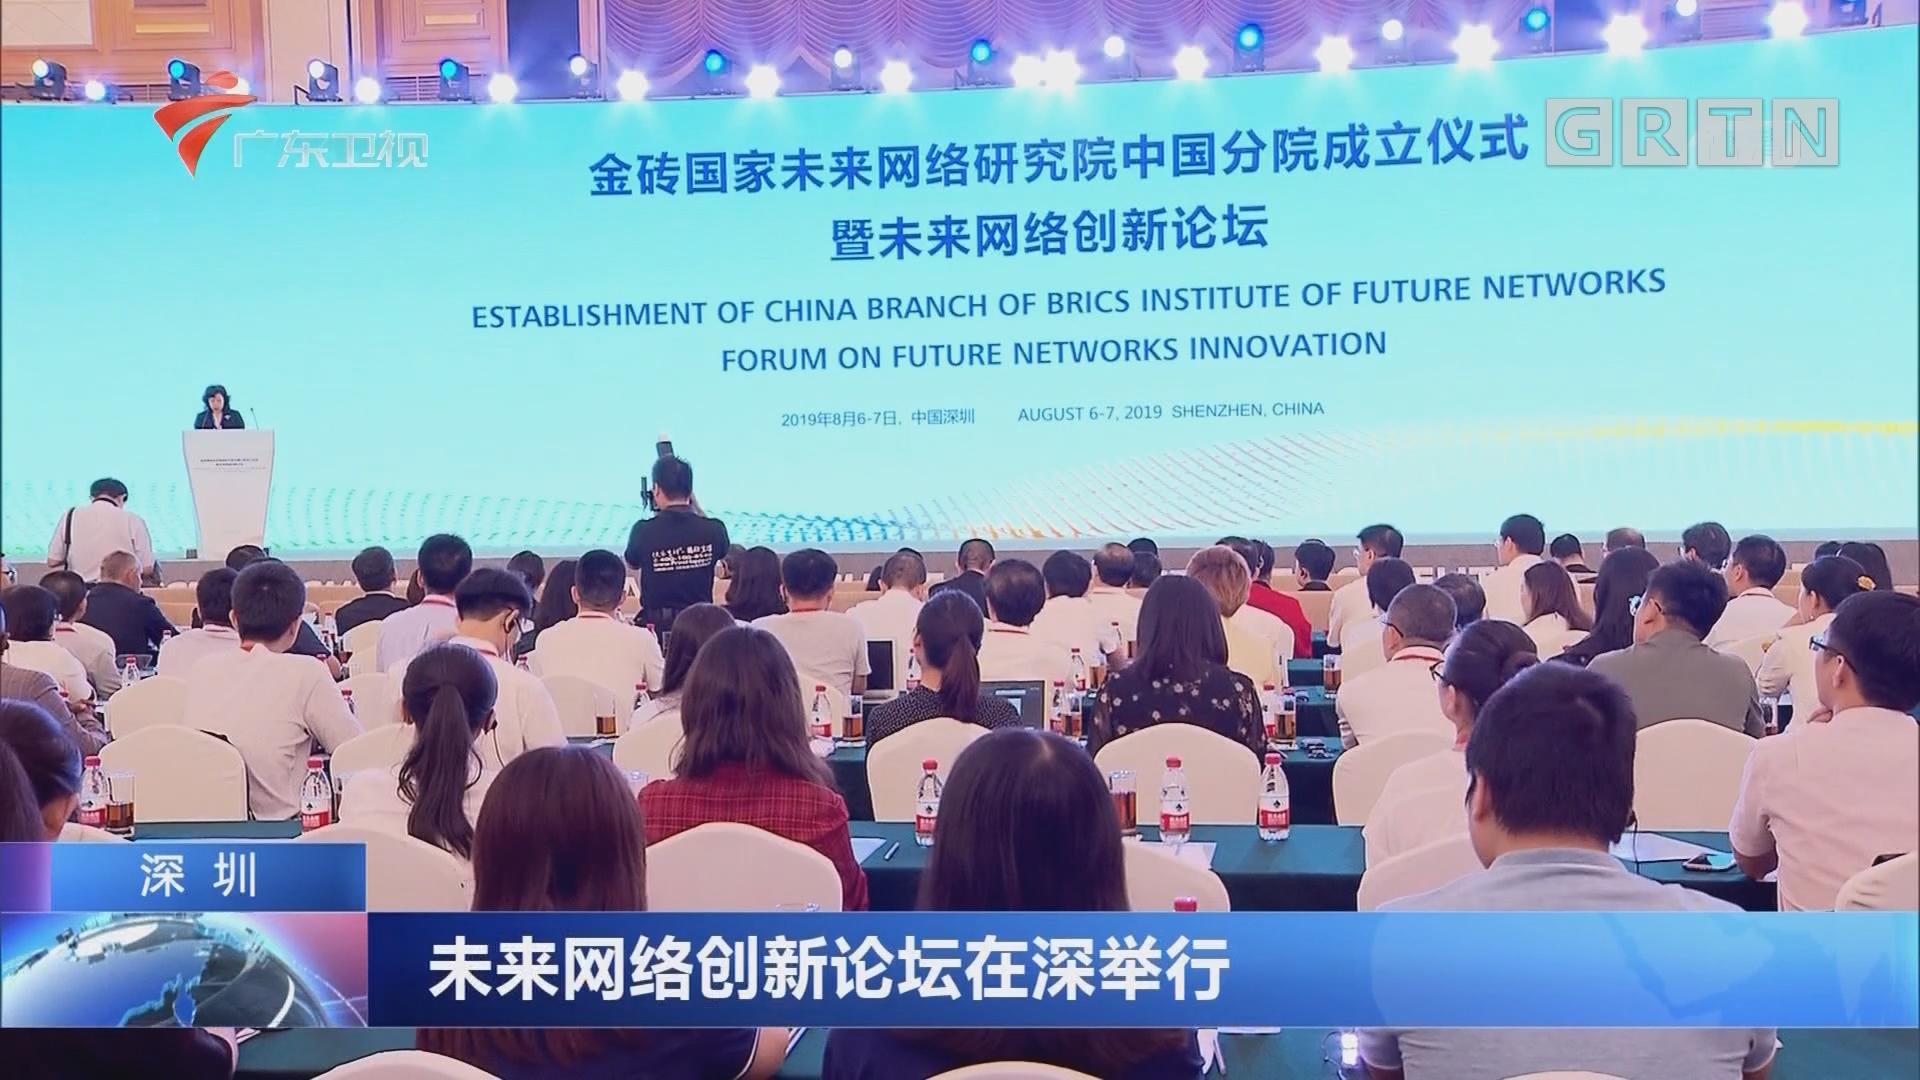 深圳:未来网络创新论坛在深举行